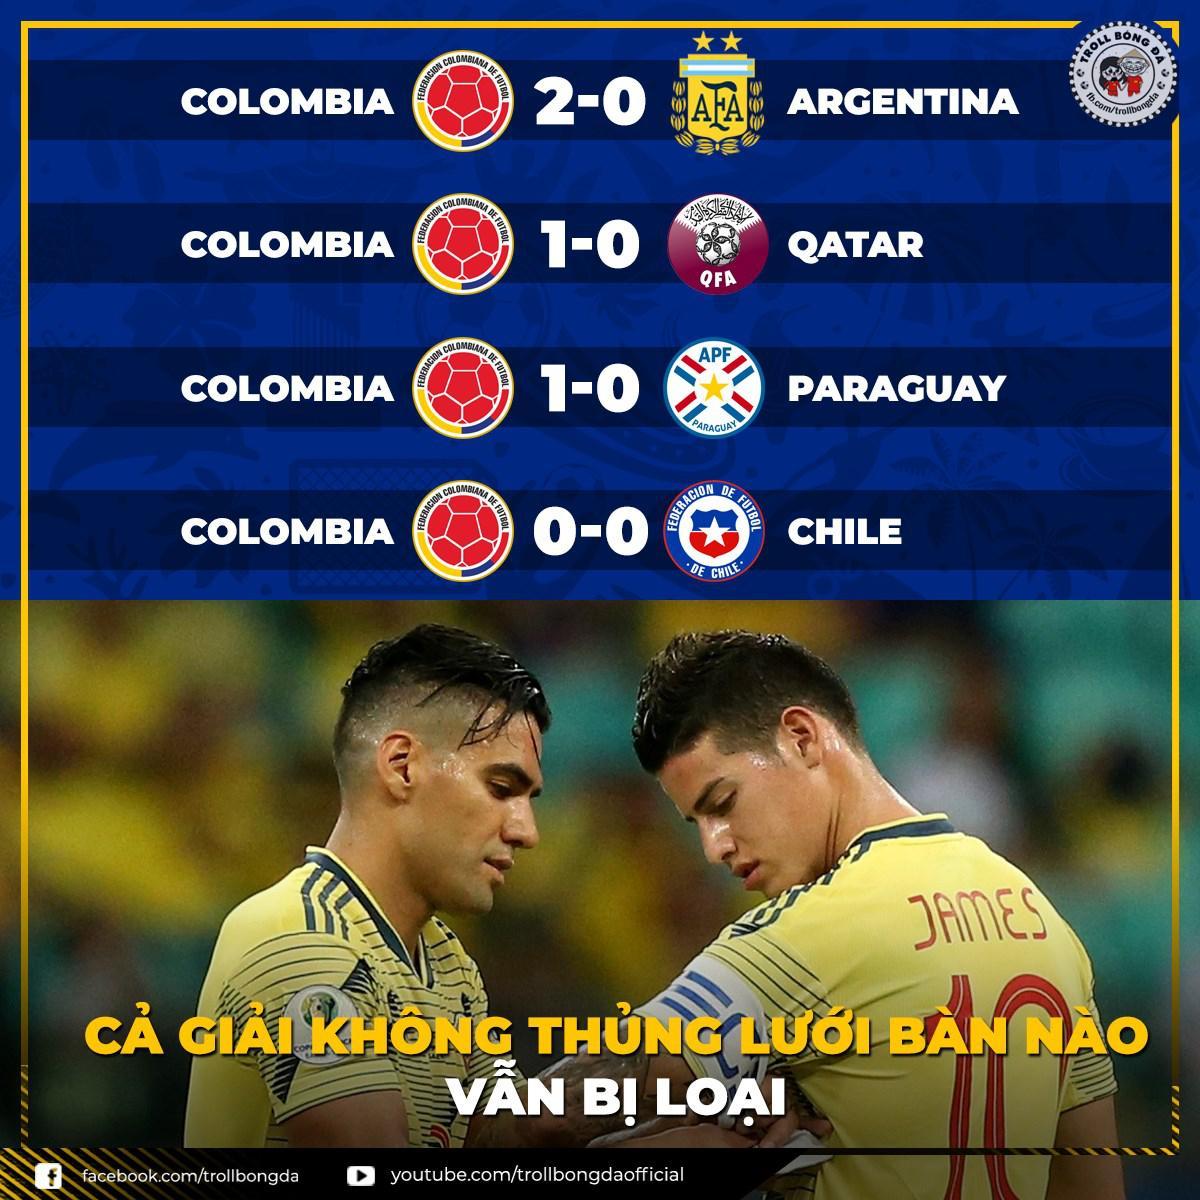 Biếm họa 24h: Colombia nhận cái kết đắng, Messi đọ sức Coutinho Ảnh 1